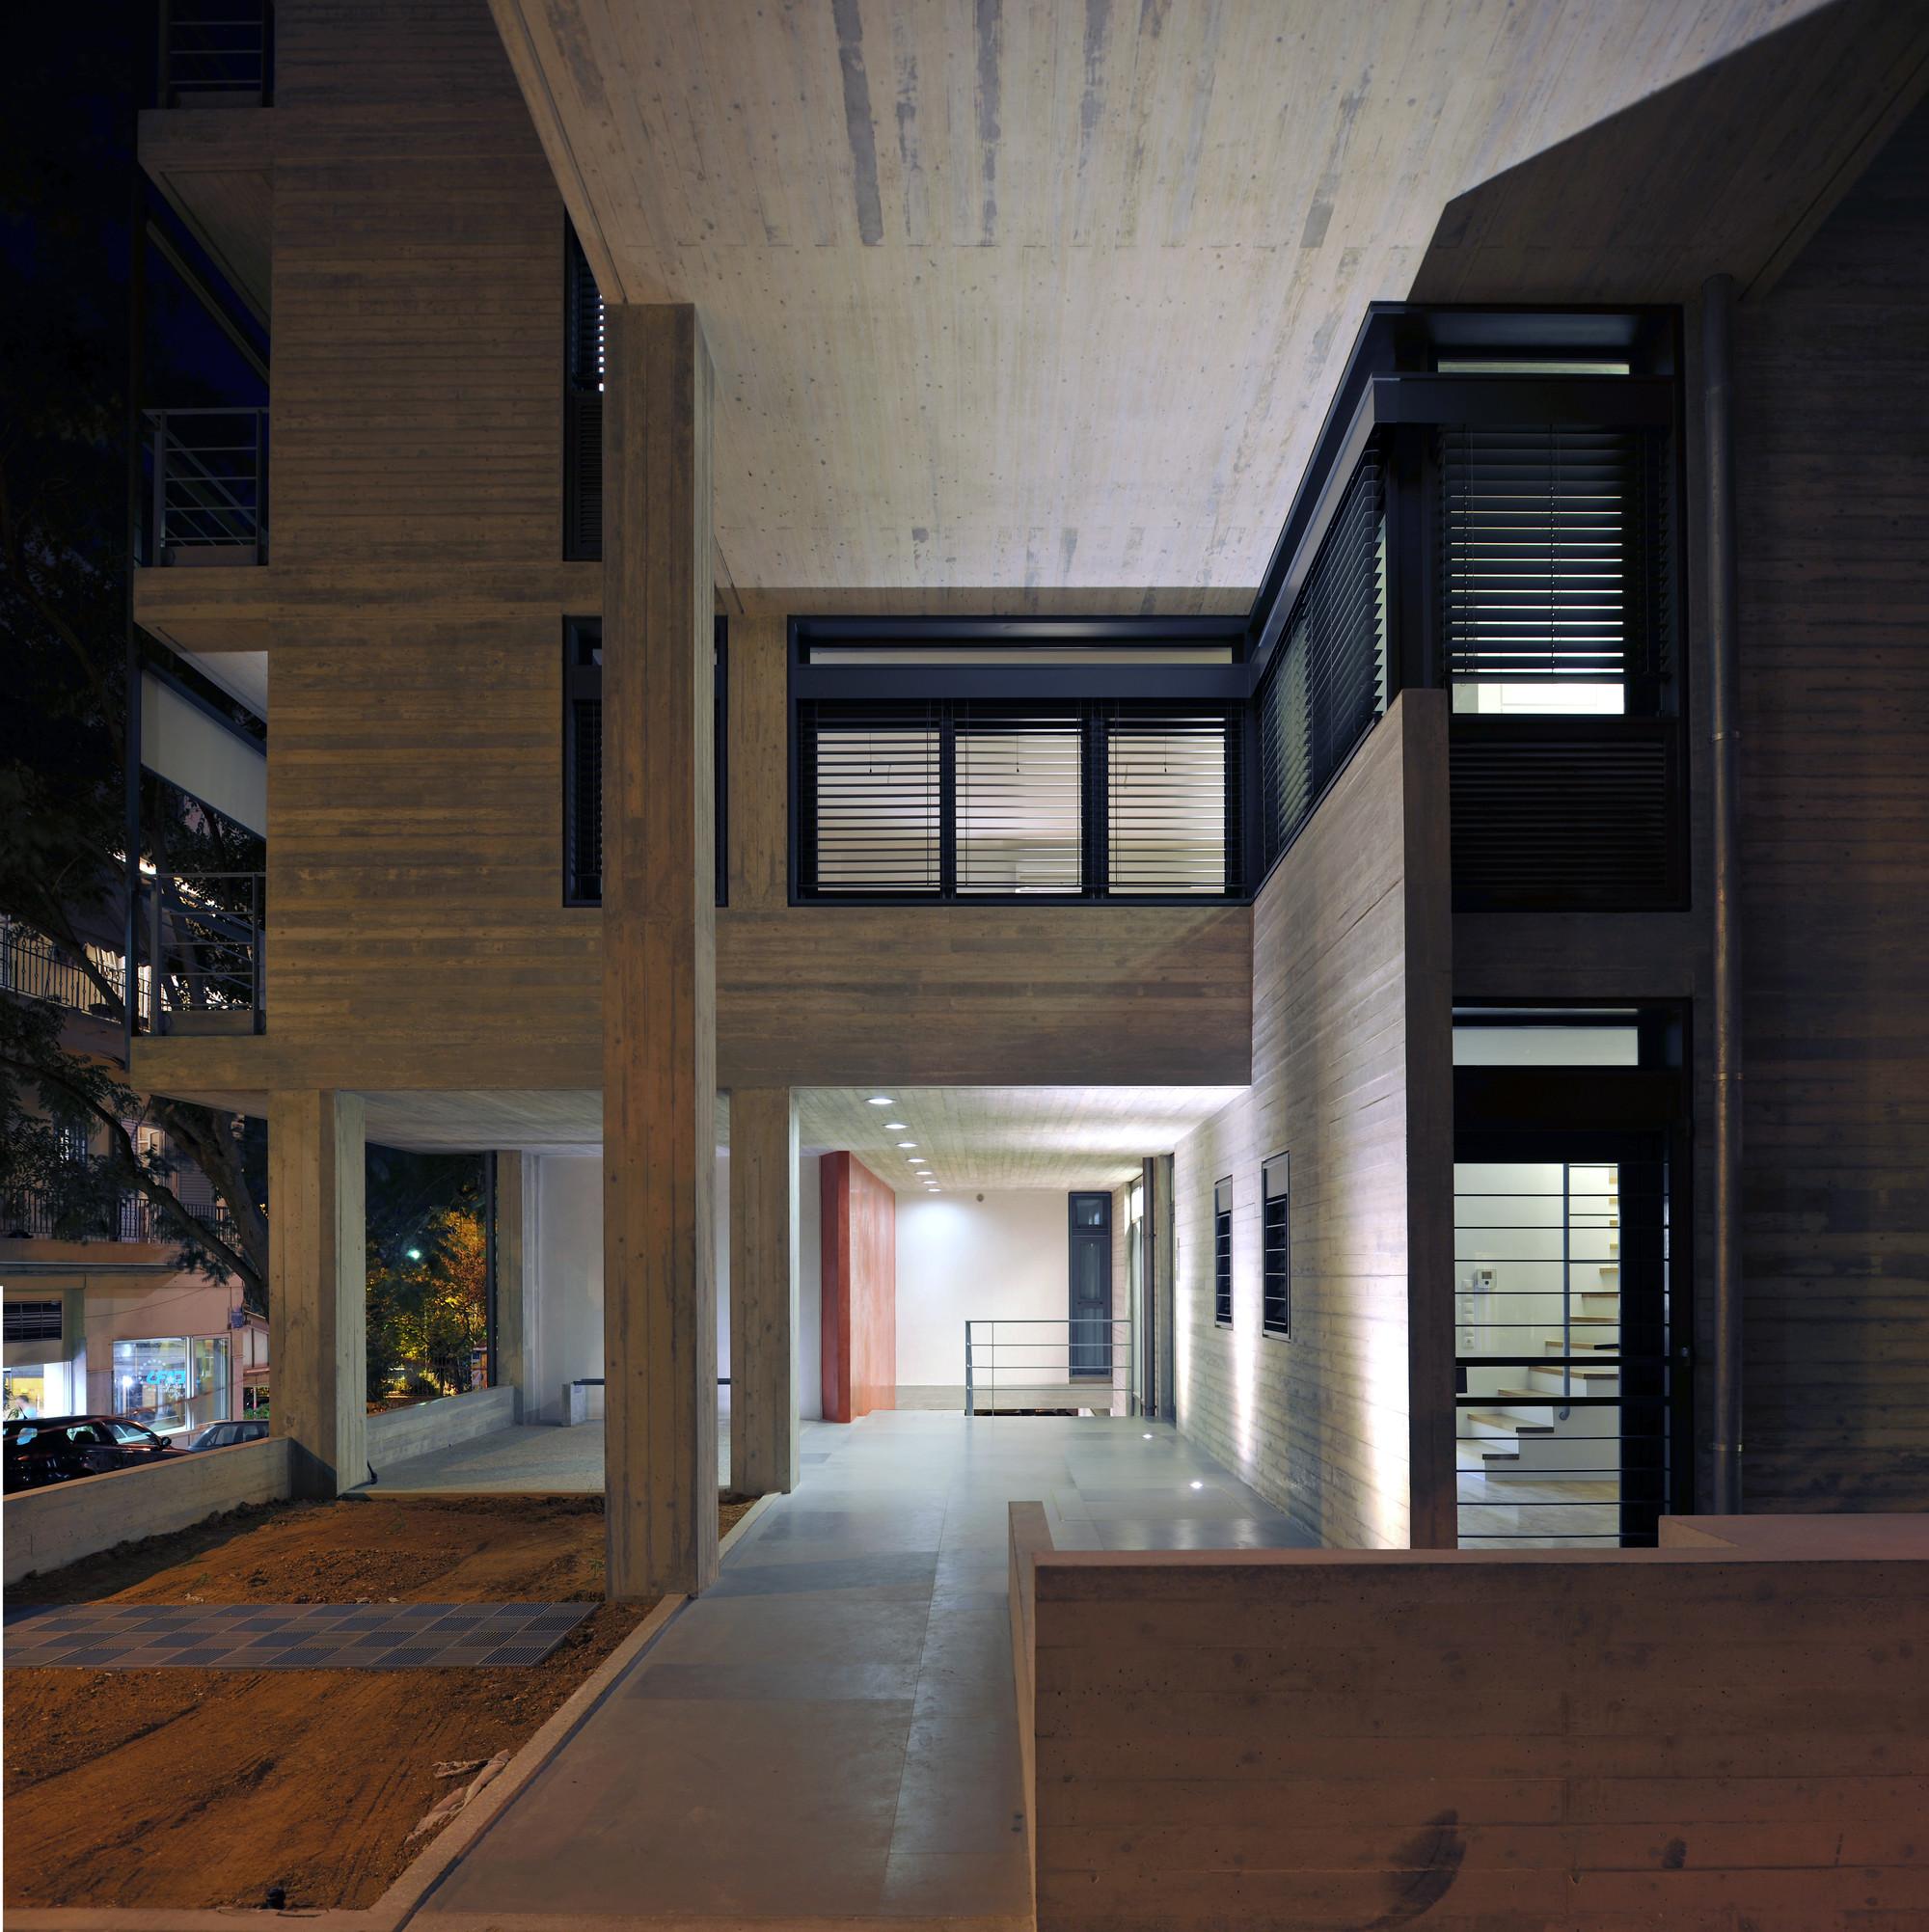 Apartment Building in Deinokratous Street, Athens / Giorgos Aggelis, © H. Louizidis